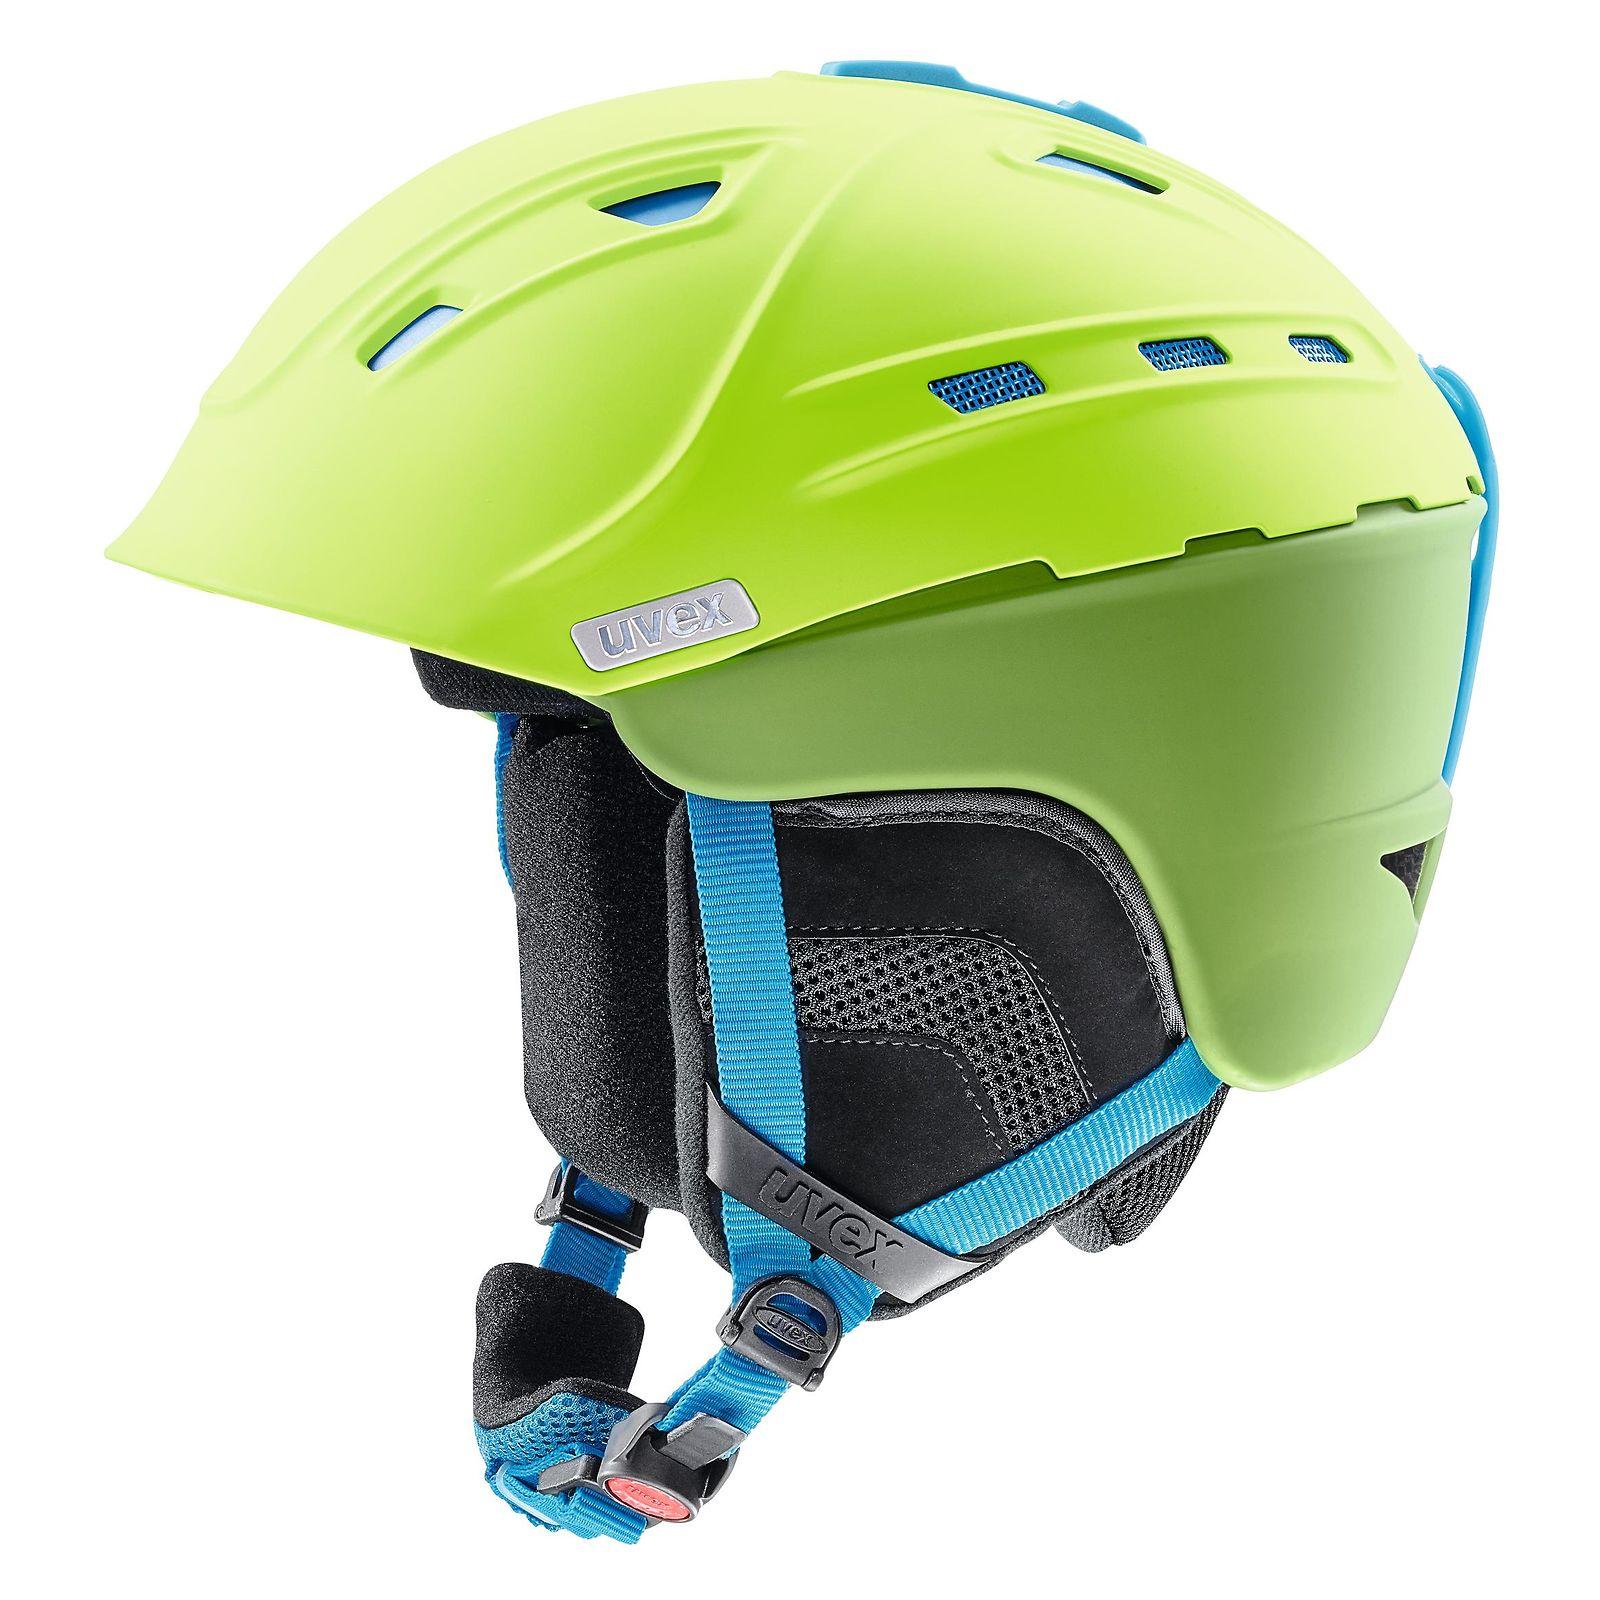 Kask narciarski Uvex P2us 566178